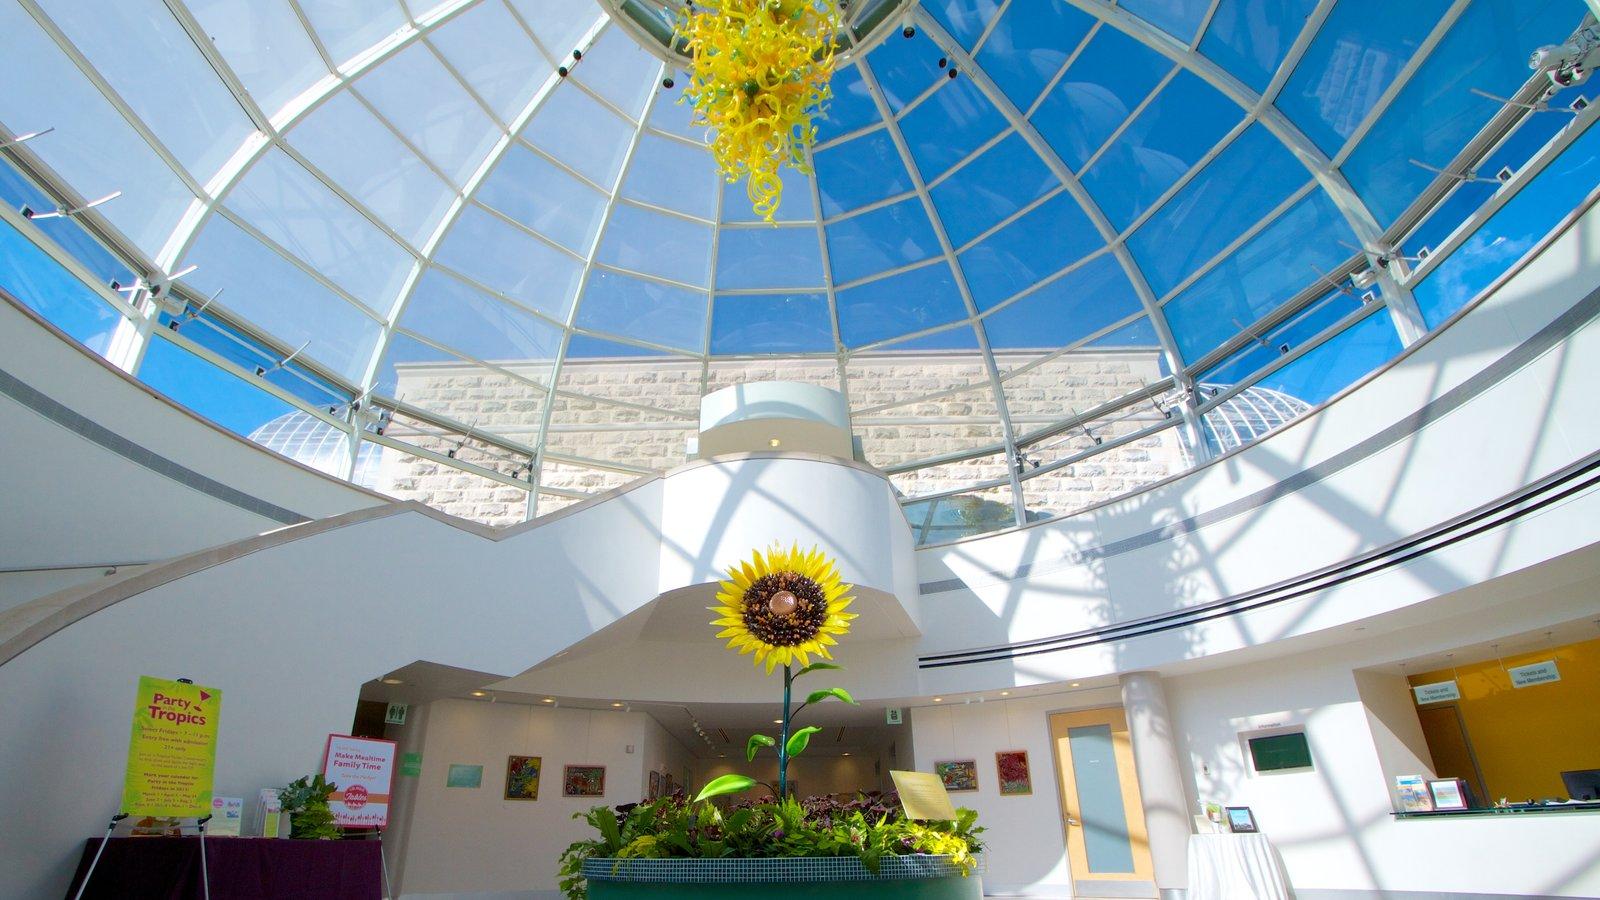 Phipps Conservatory mostrando arquitetura moderna, vistas internas e flores